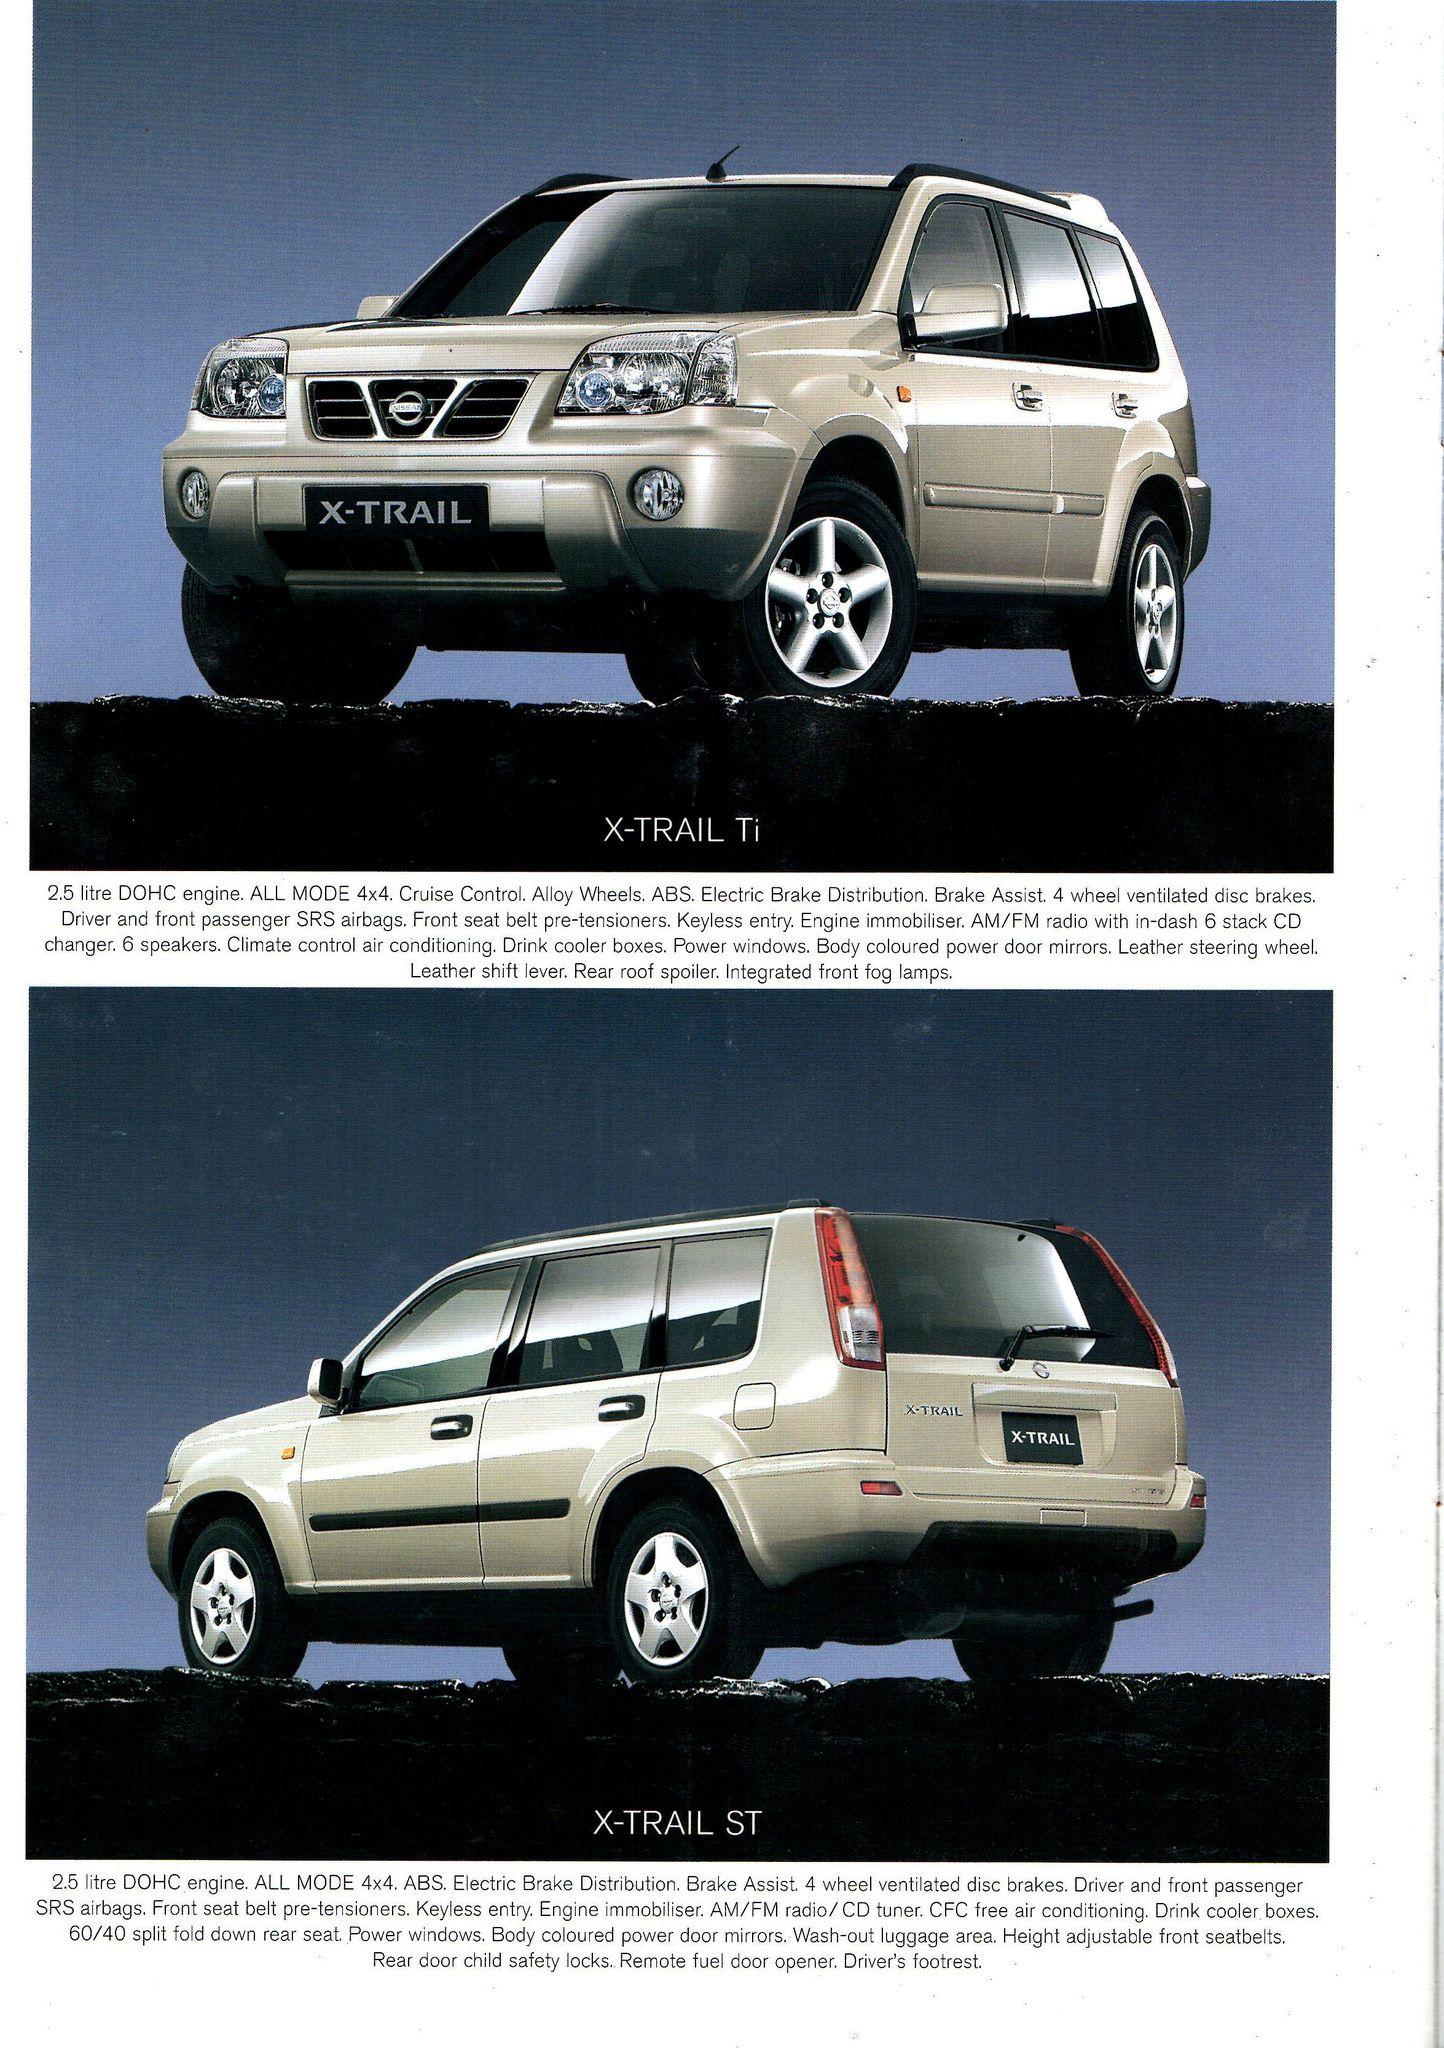 2003 Nissan X Trail St Ti Australian Brochure Page 14 Nissan Car Ads Nissan Motors